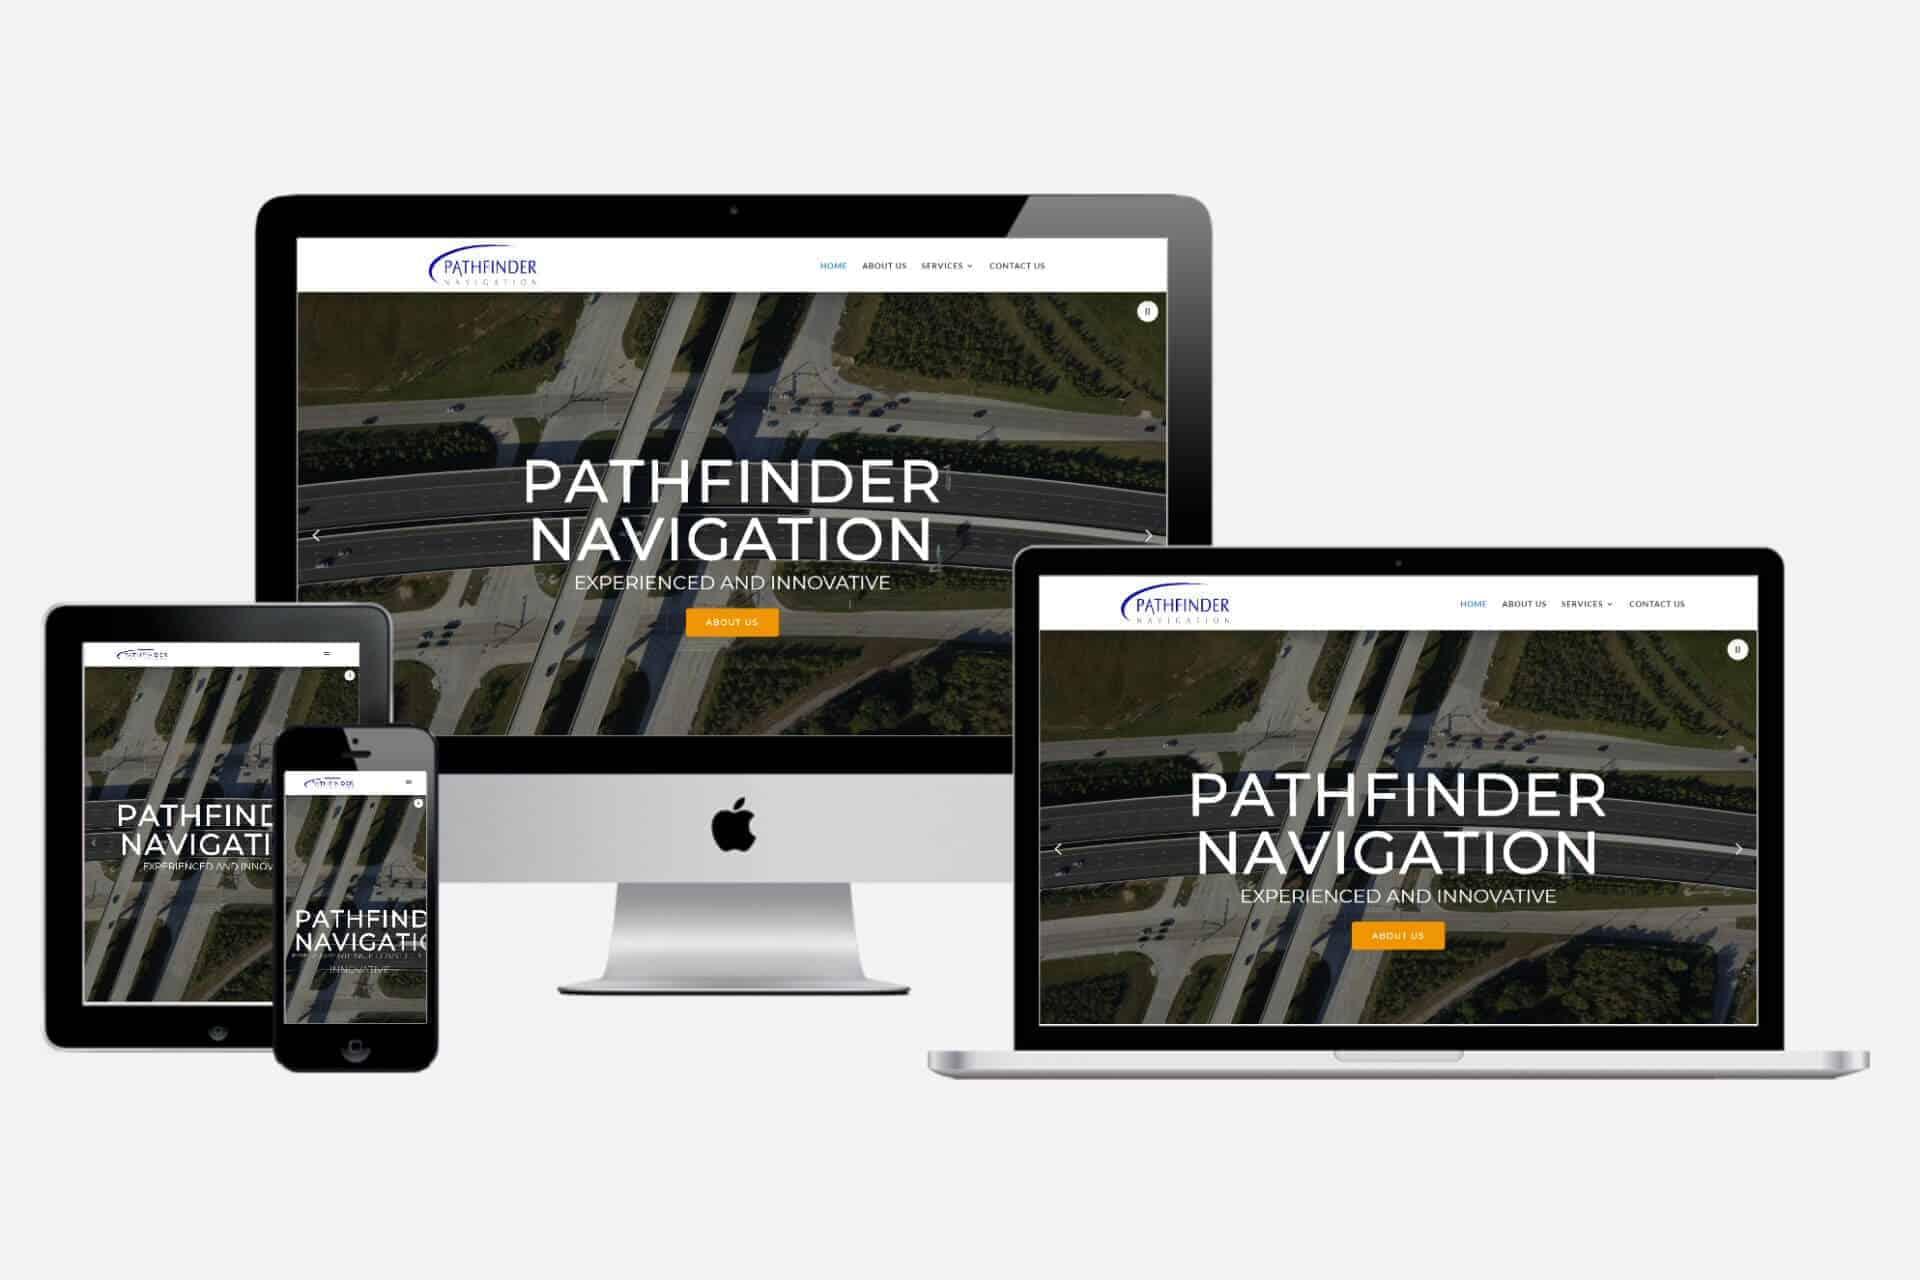 Pathfinder Navigation Website Design by WizardsWebs Design LLC